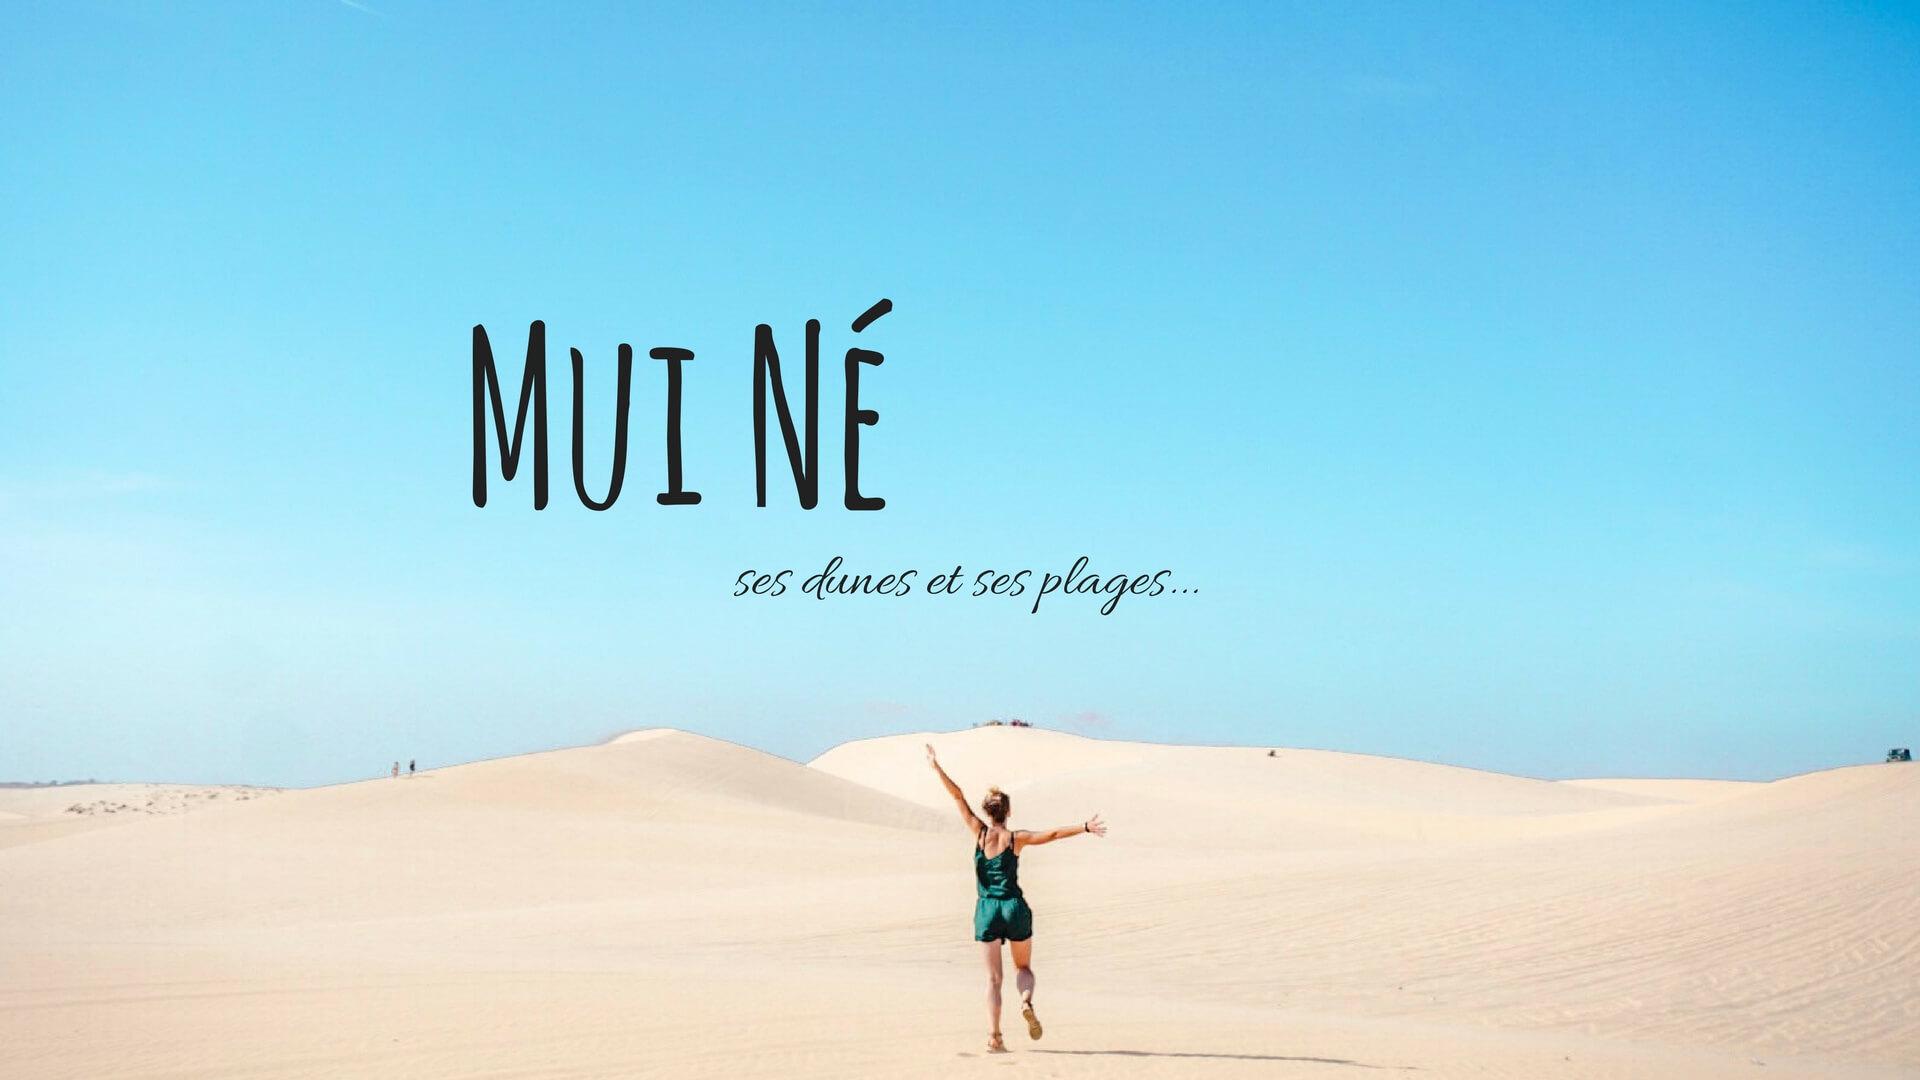 Les dunes de Mui Ne comment visiter